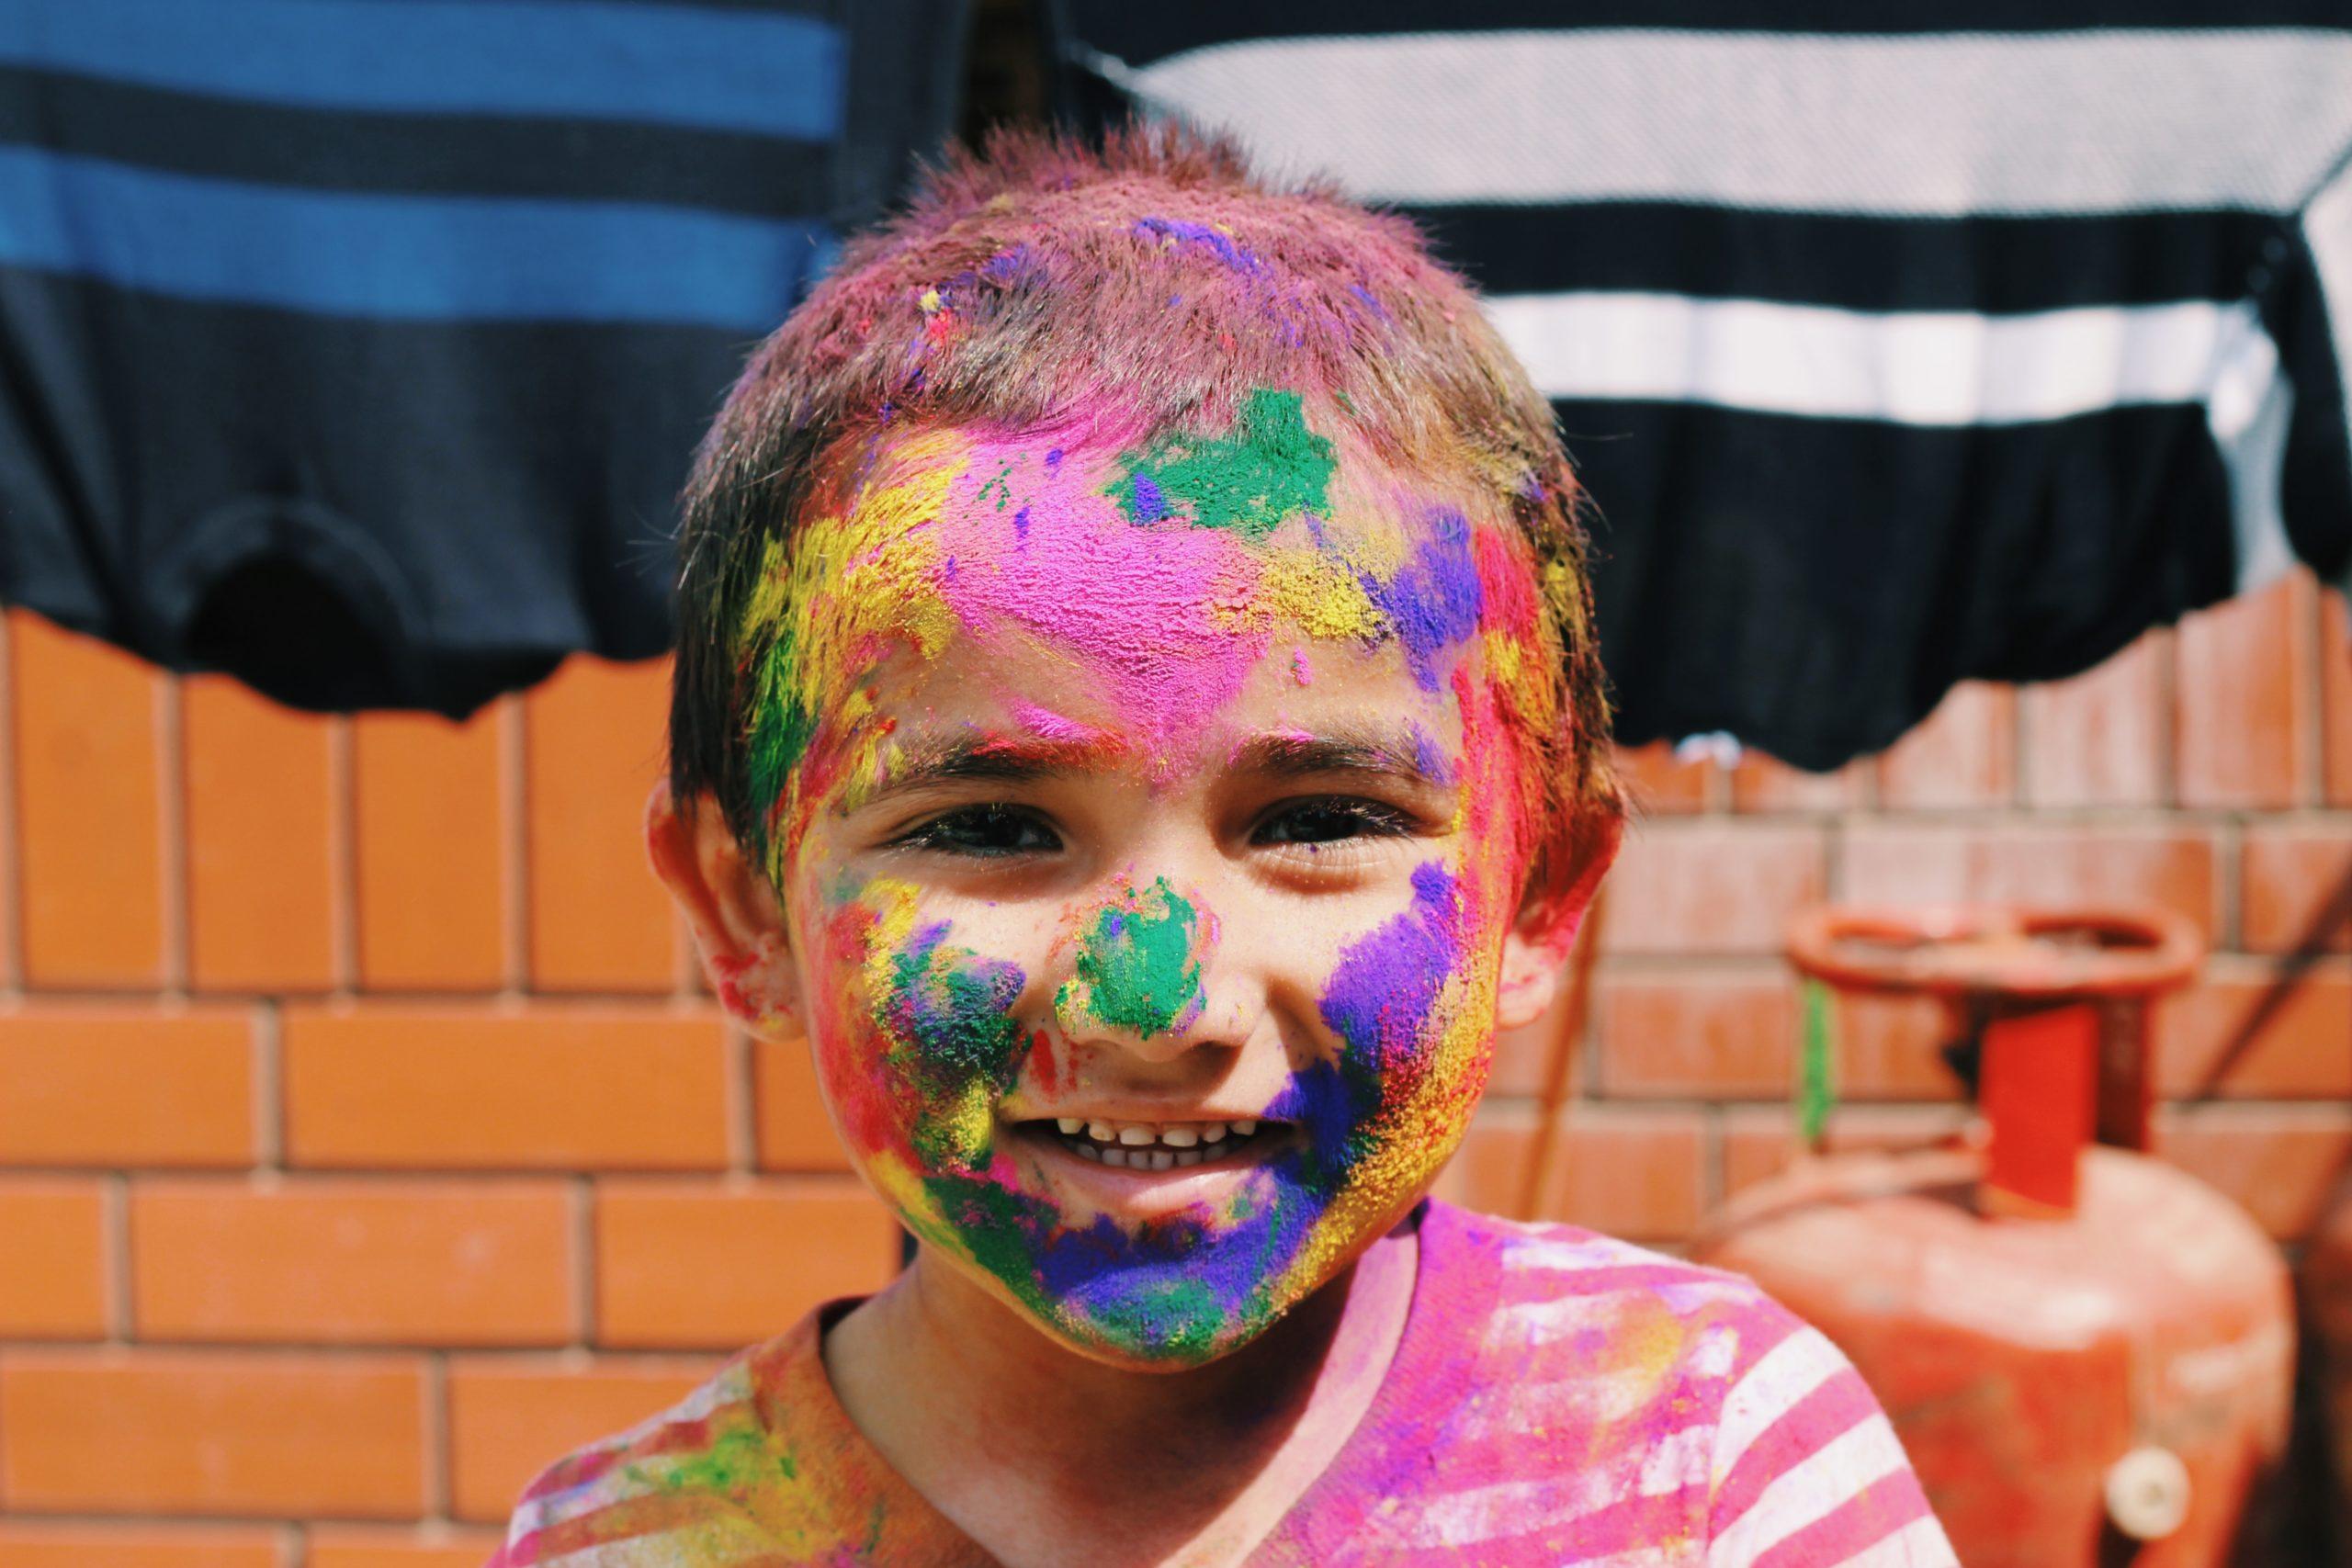 Pintarse la cara color esperanza